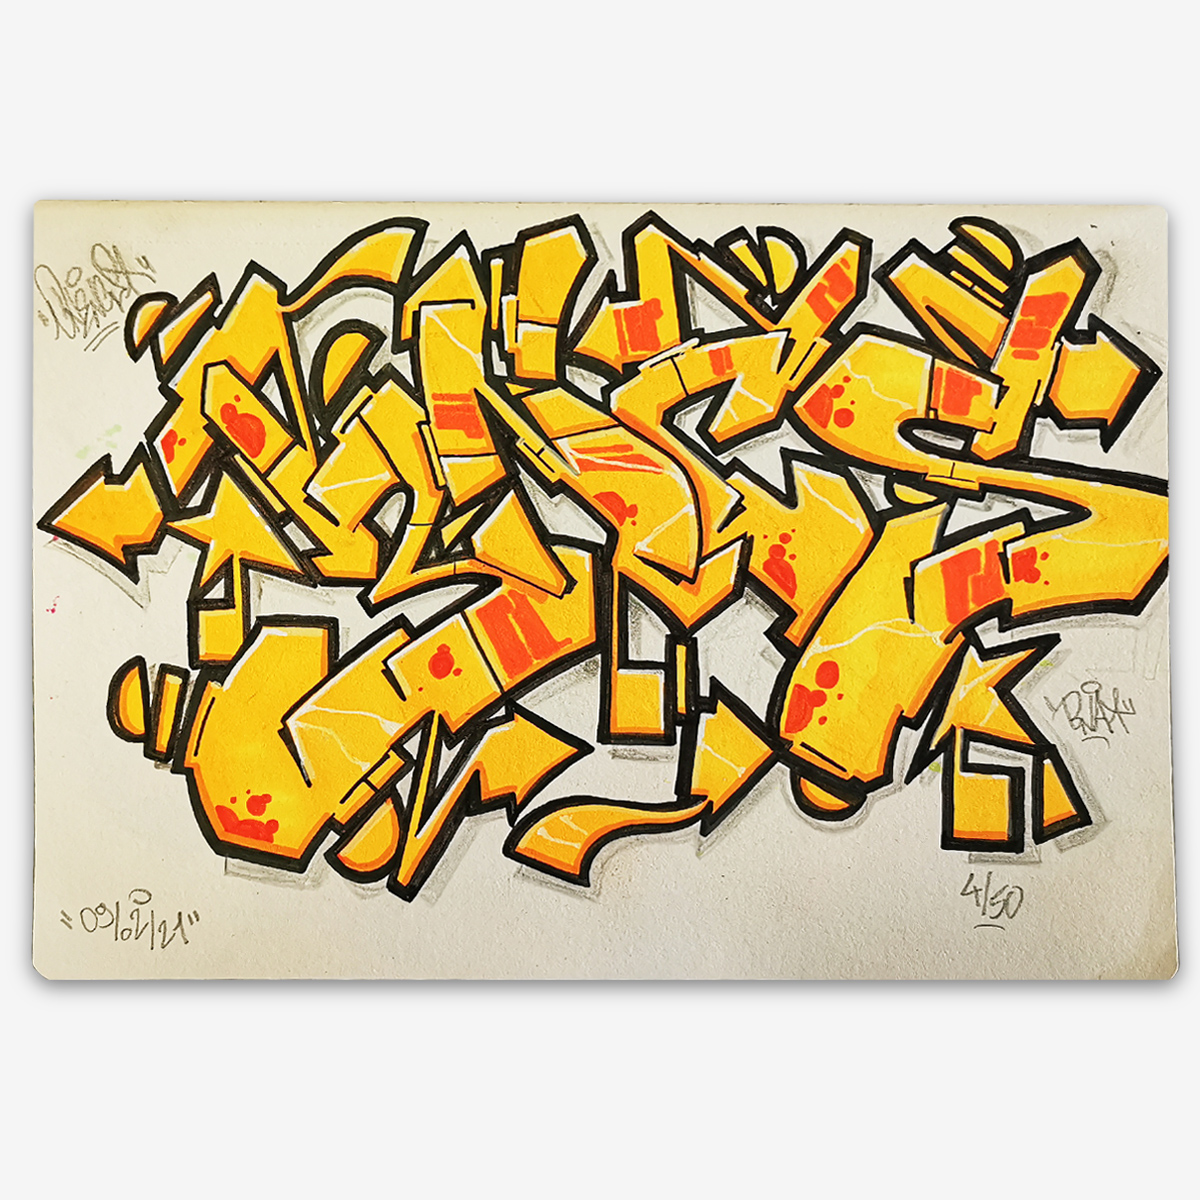 Encs-Sketche-3-Golden-Galerie